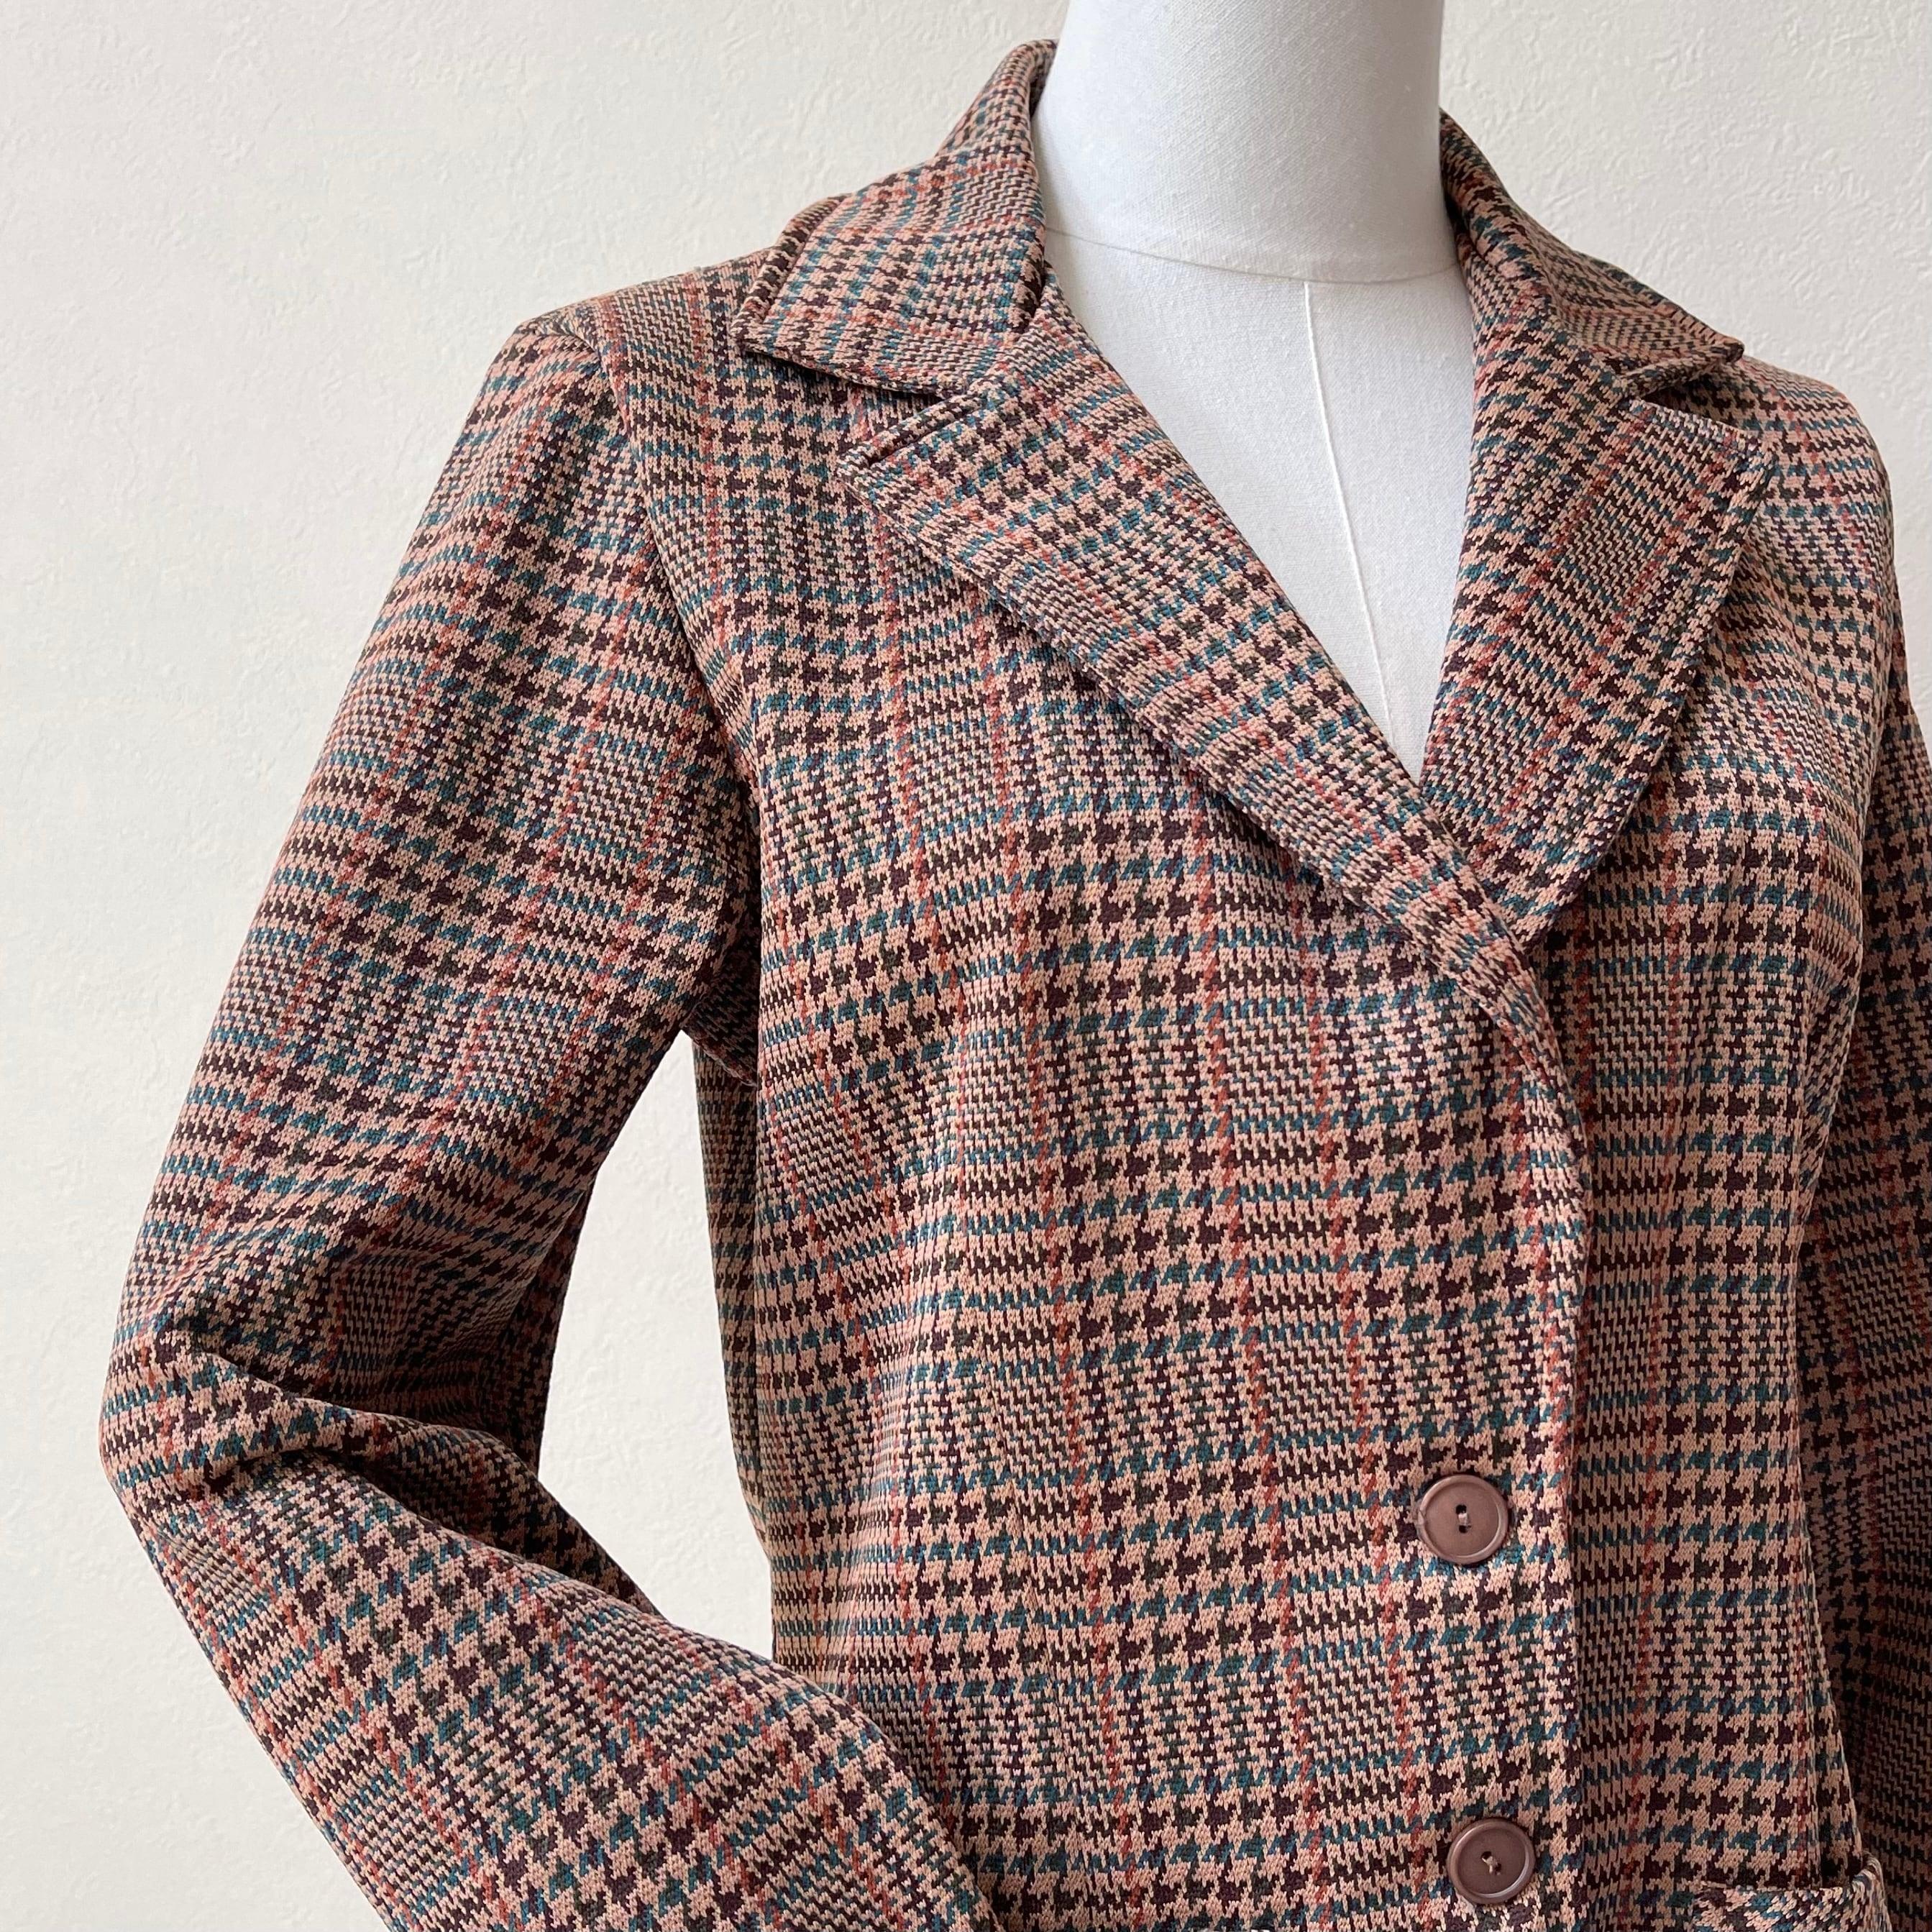 レディース 70〜80年代 チェック柄 テーラードジャケット アメリカ古着 日本M